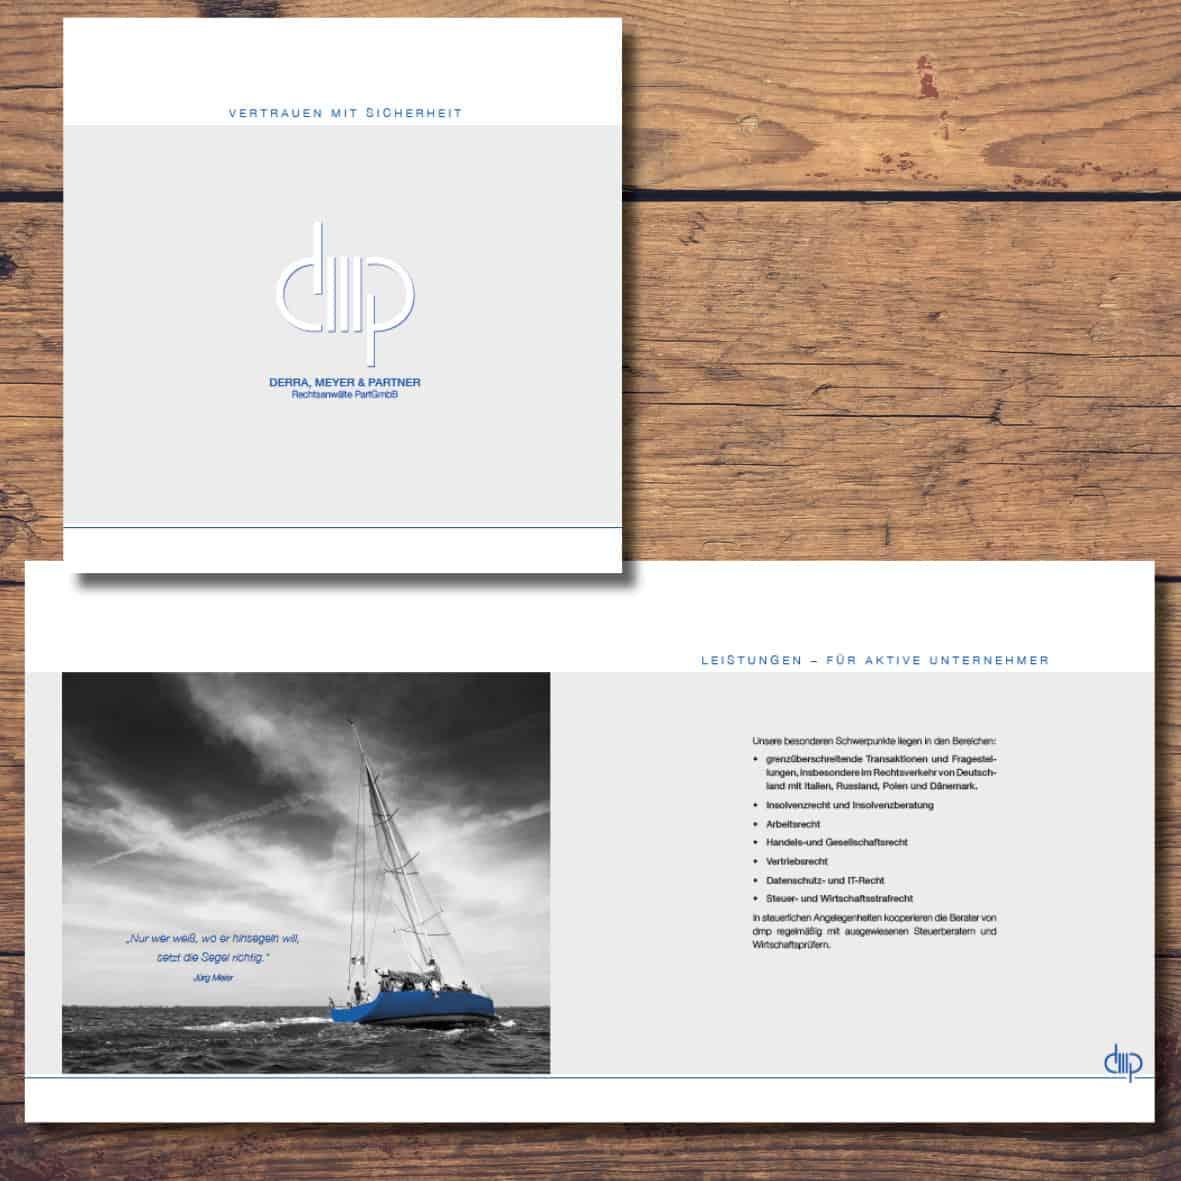 Corporate Design - Erstellung einer Imagebroschüre